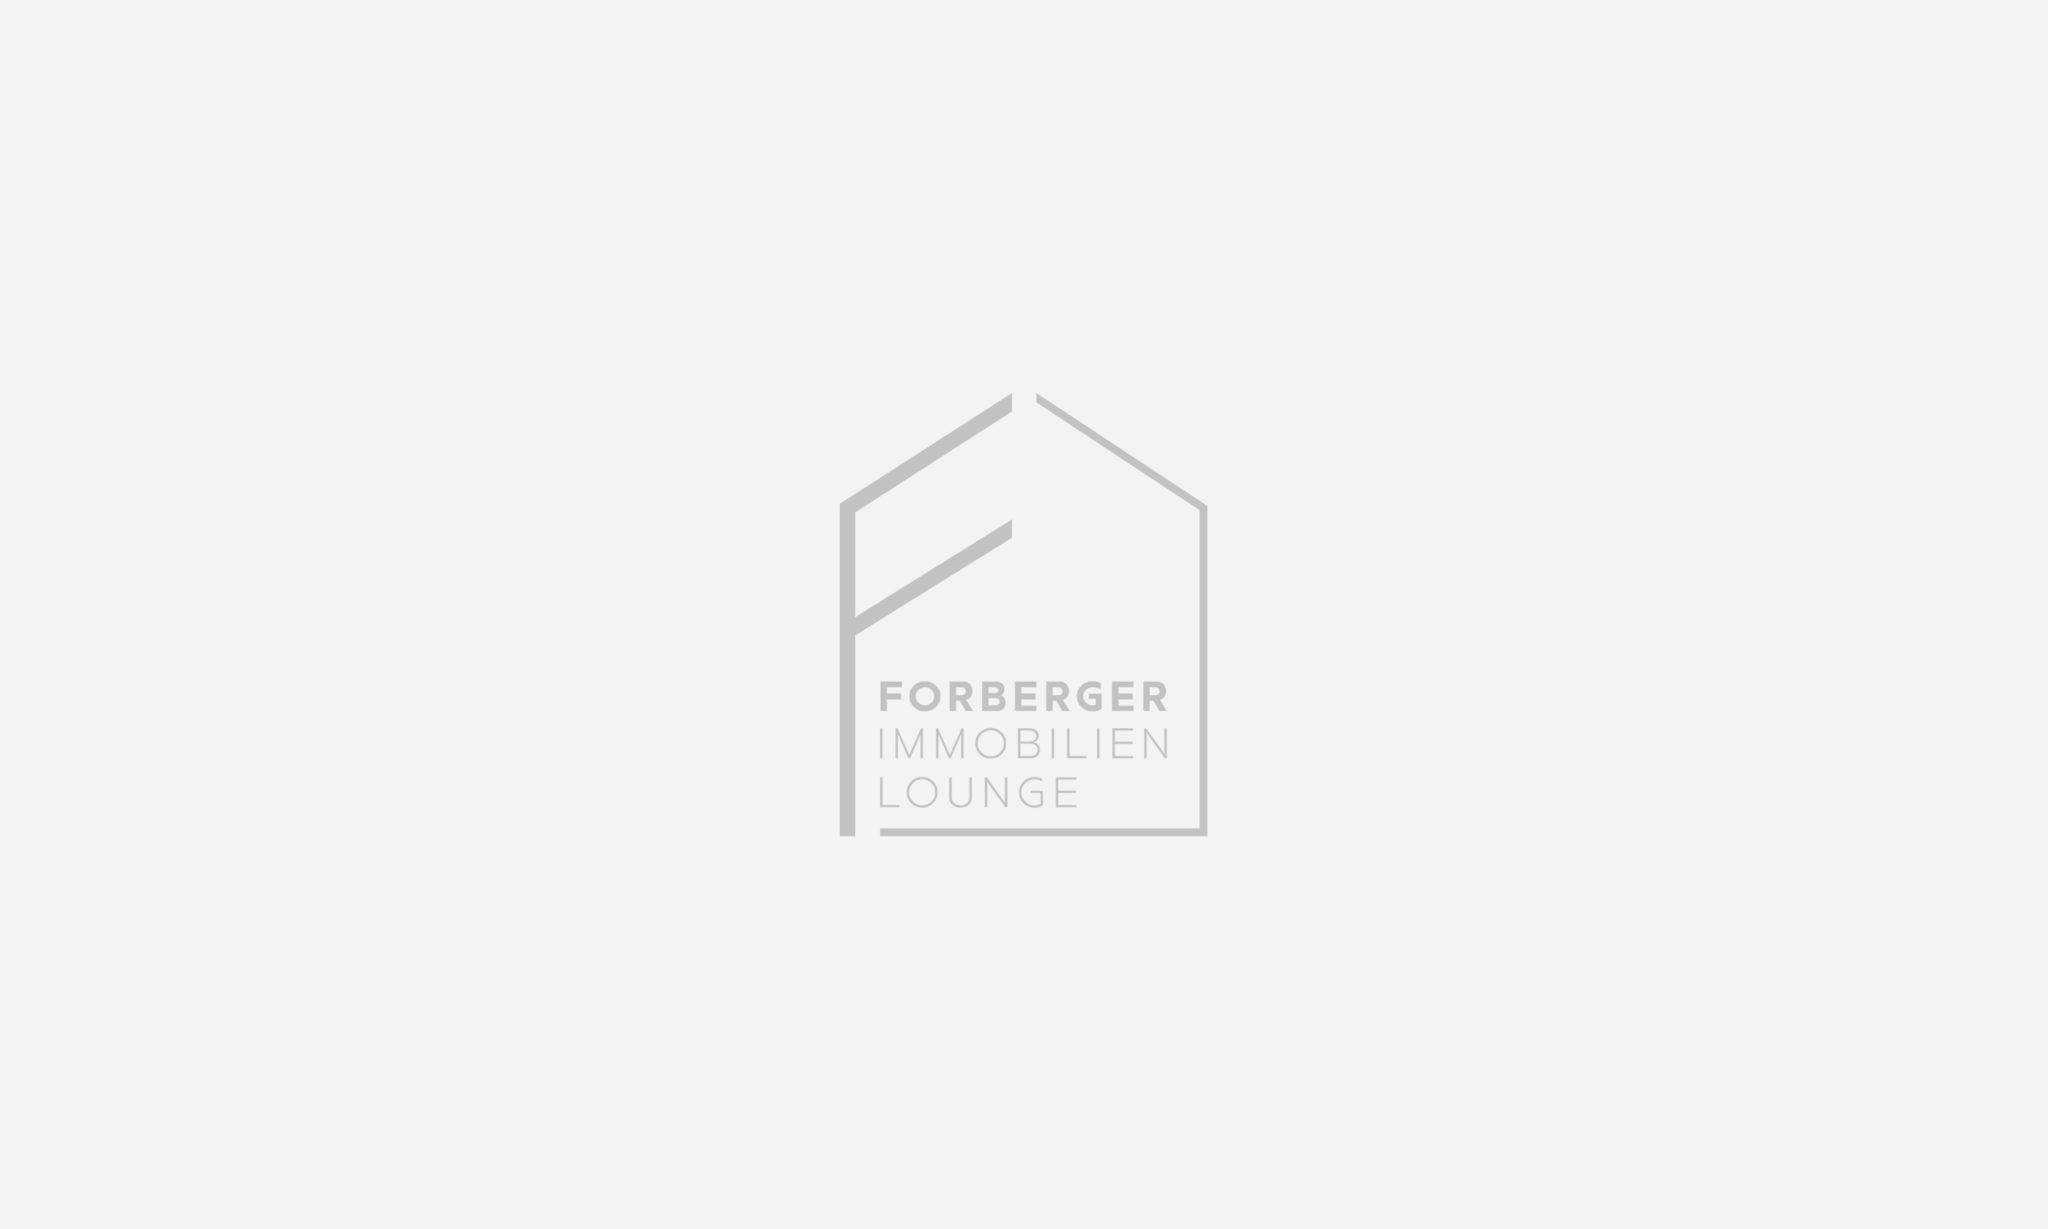 forberger-angebot-teaser